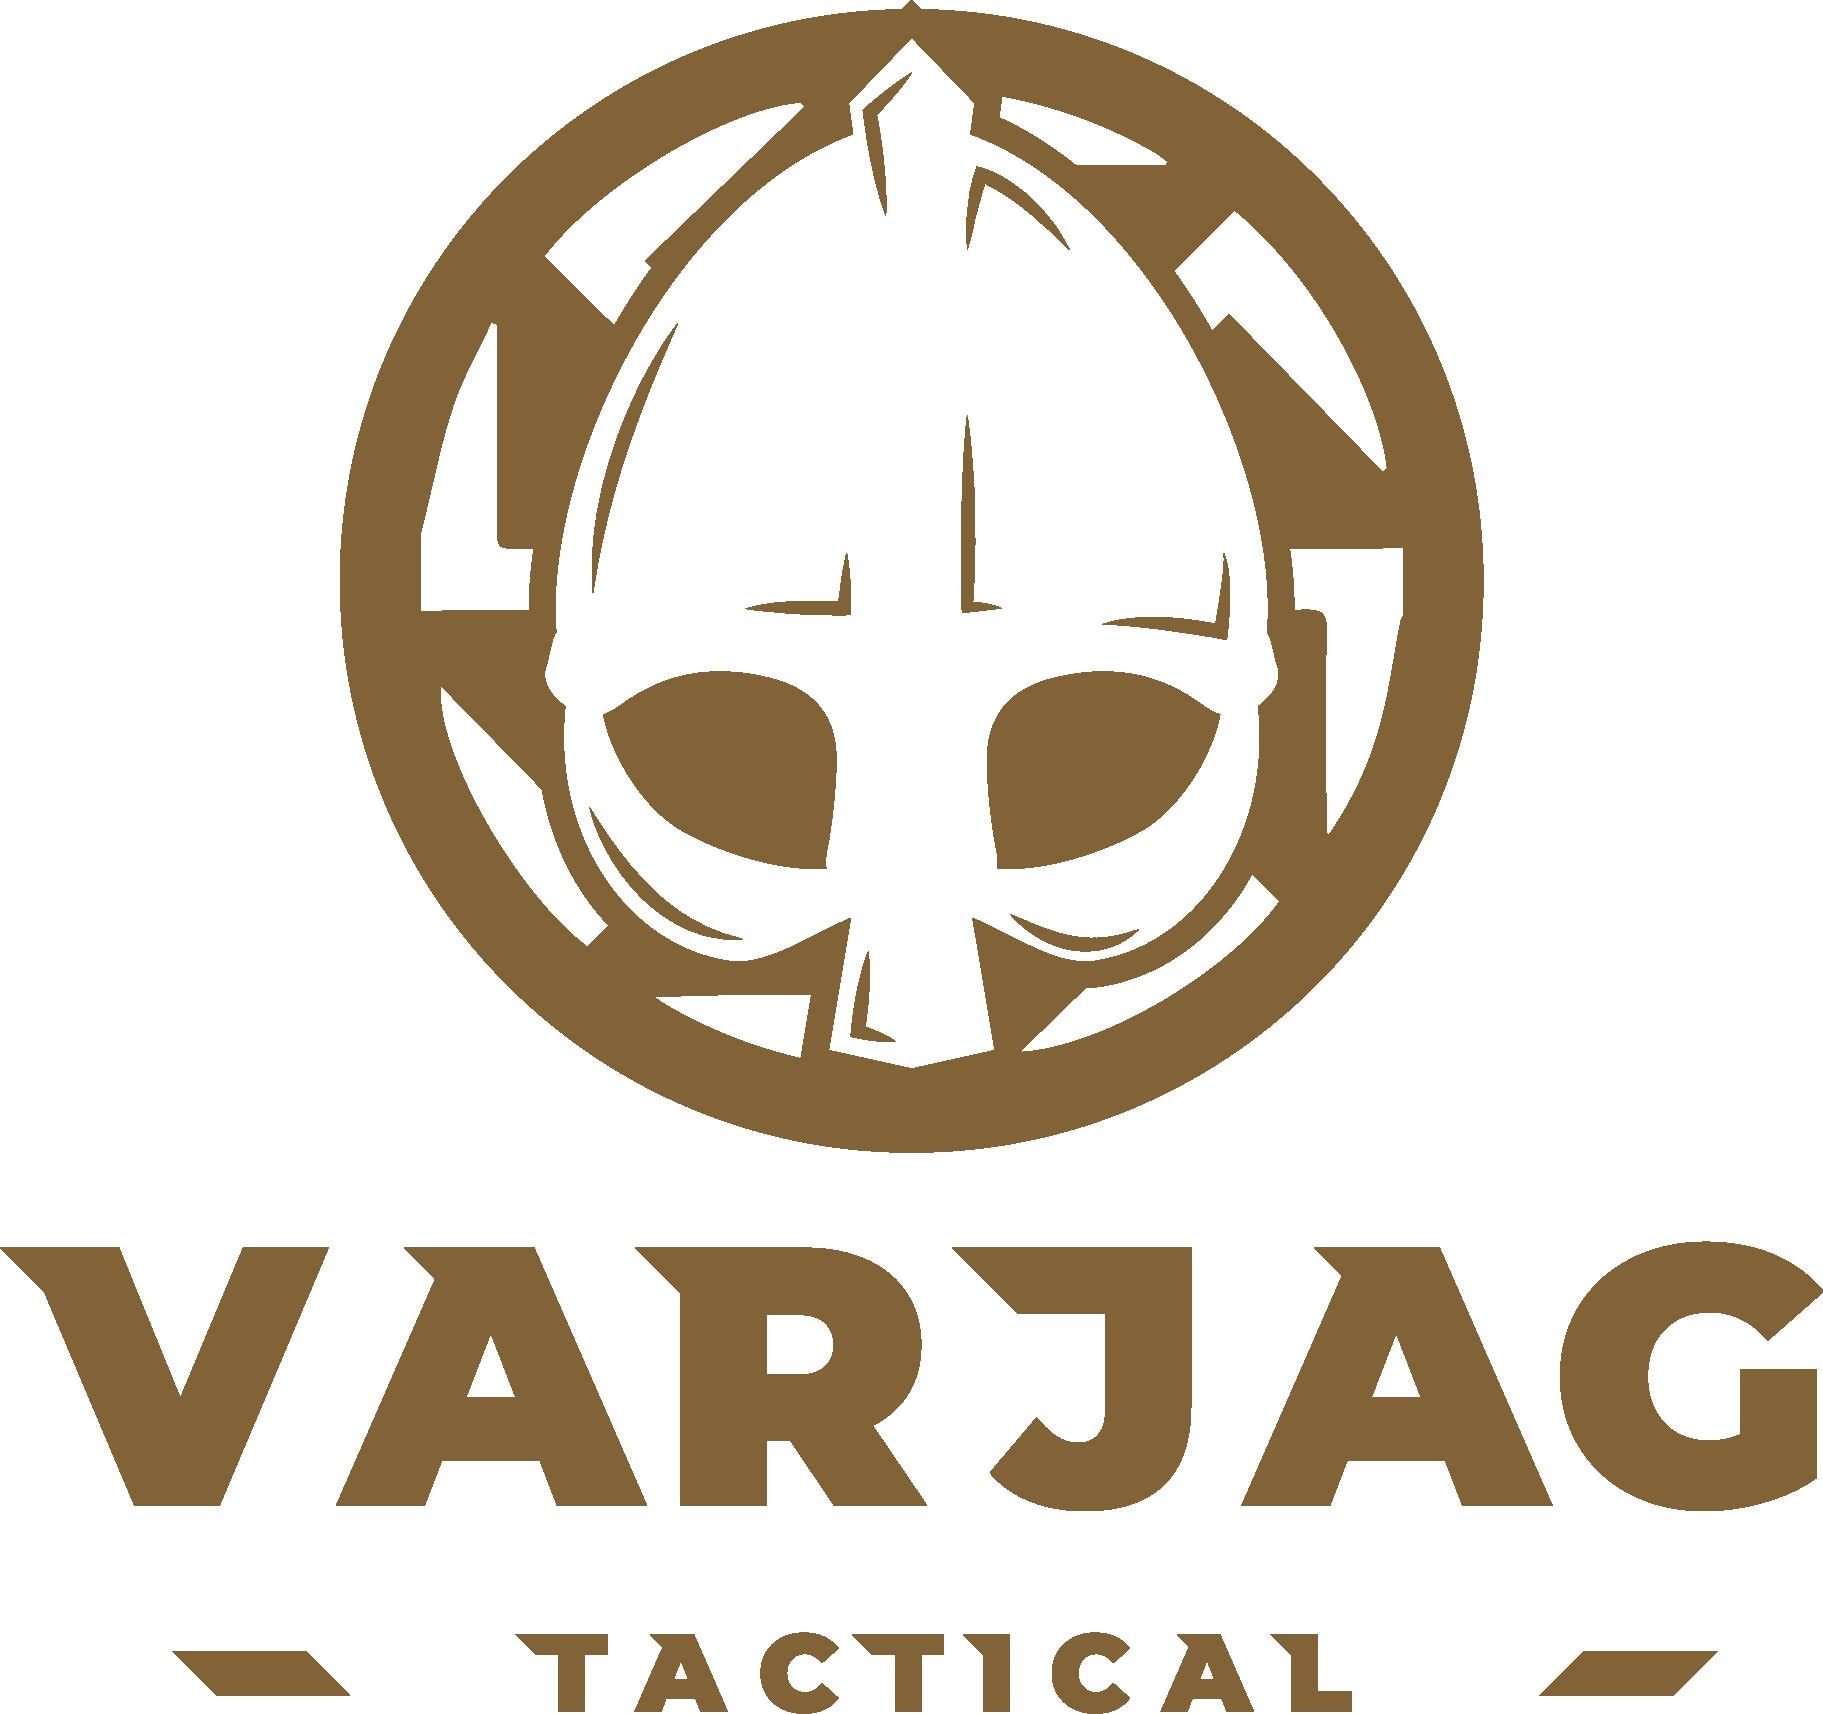 Varjag Tactical